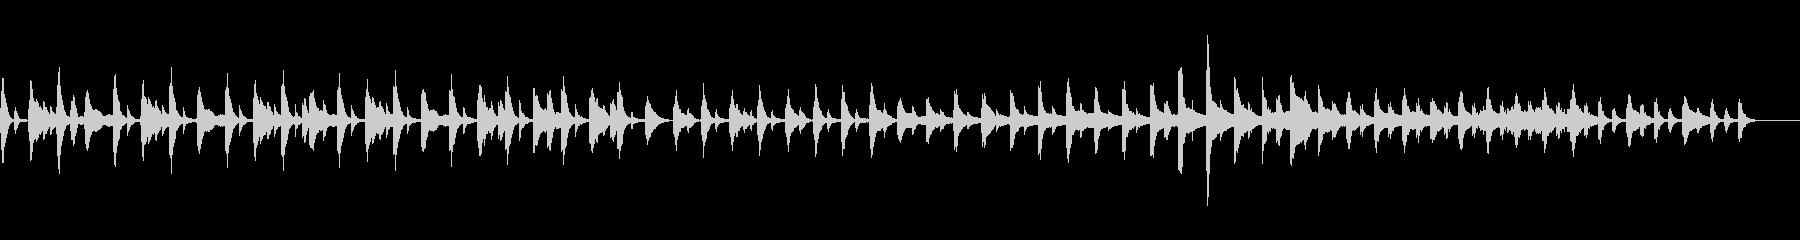 時の思い出をイメージしたハープ曲。の未再生の波形